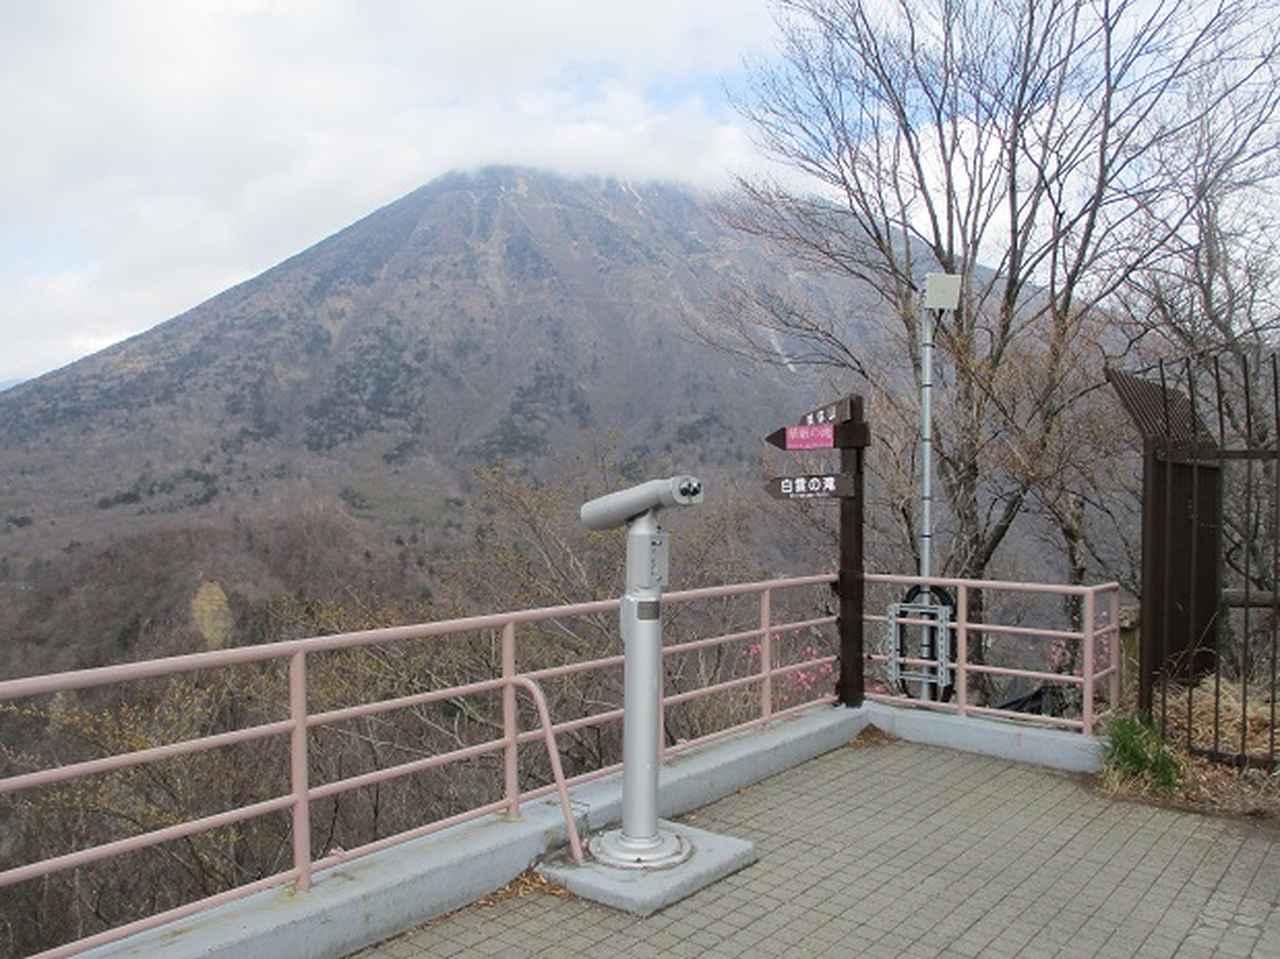 画像1: 5月の山旅会 「茶ノ木平から華厳の滝」 の下見に行ってきました!